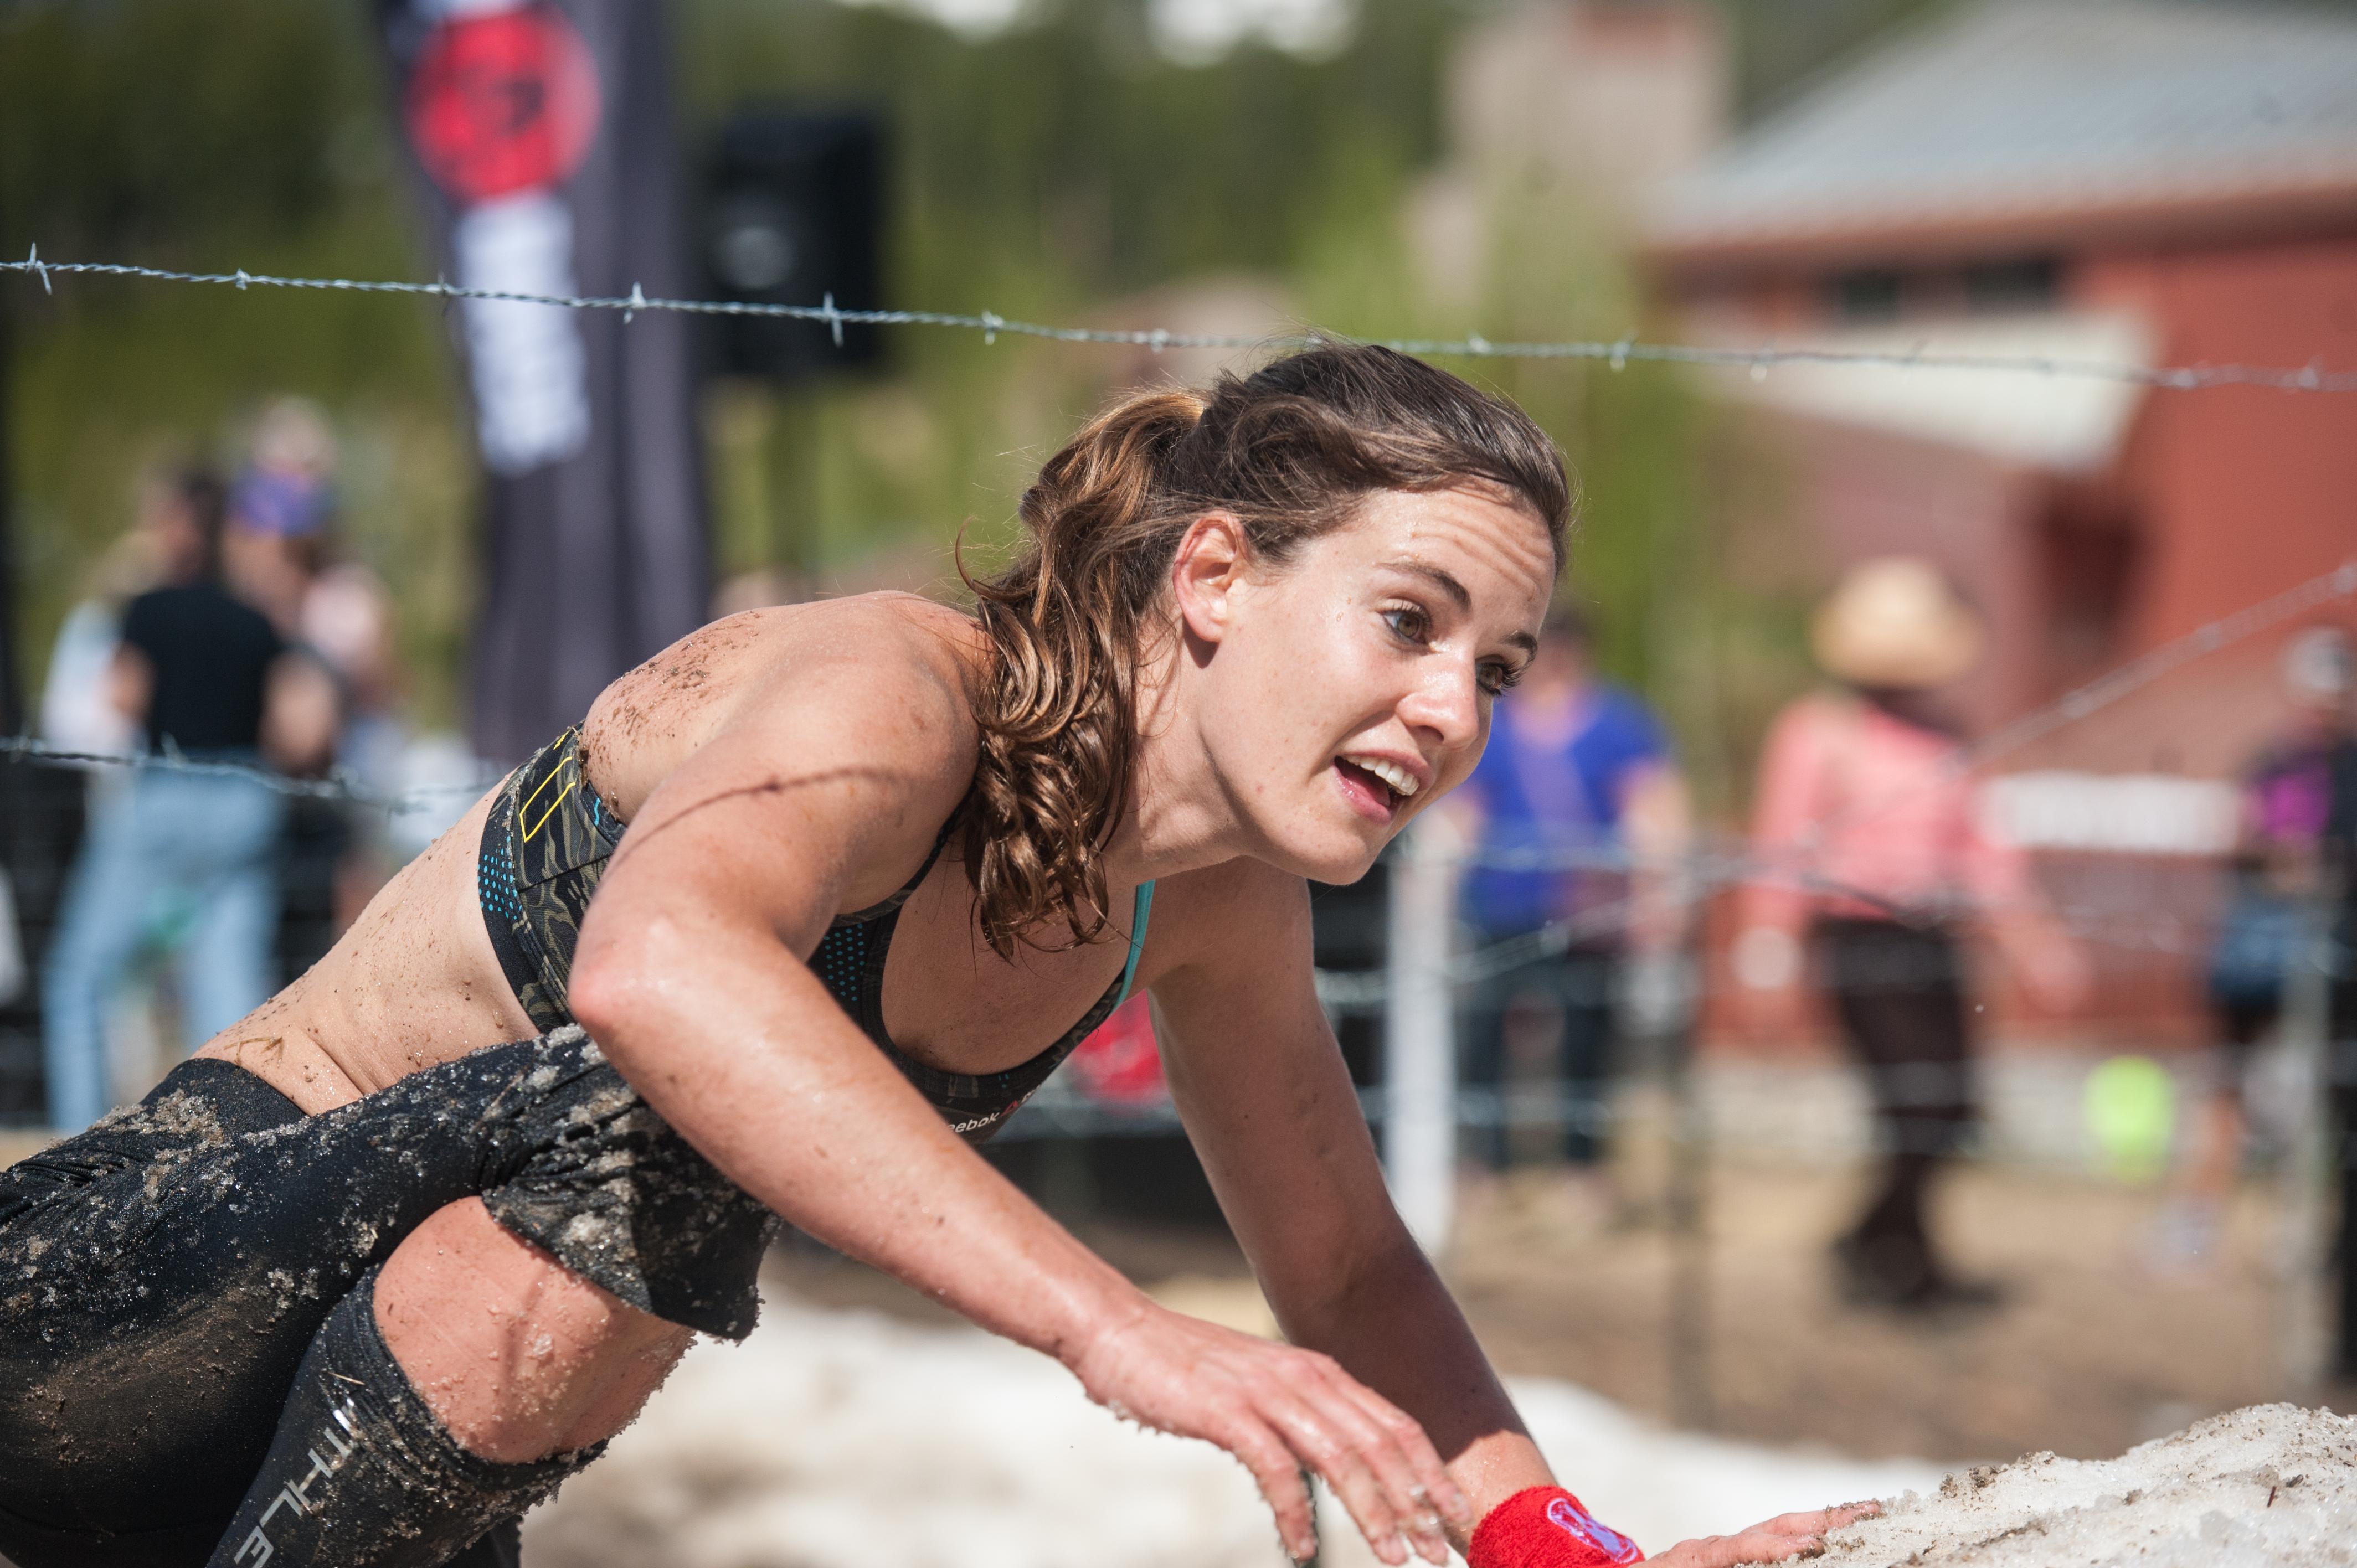 Lindsay Webster competing